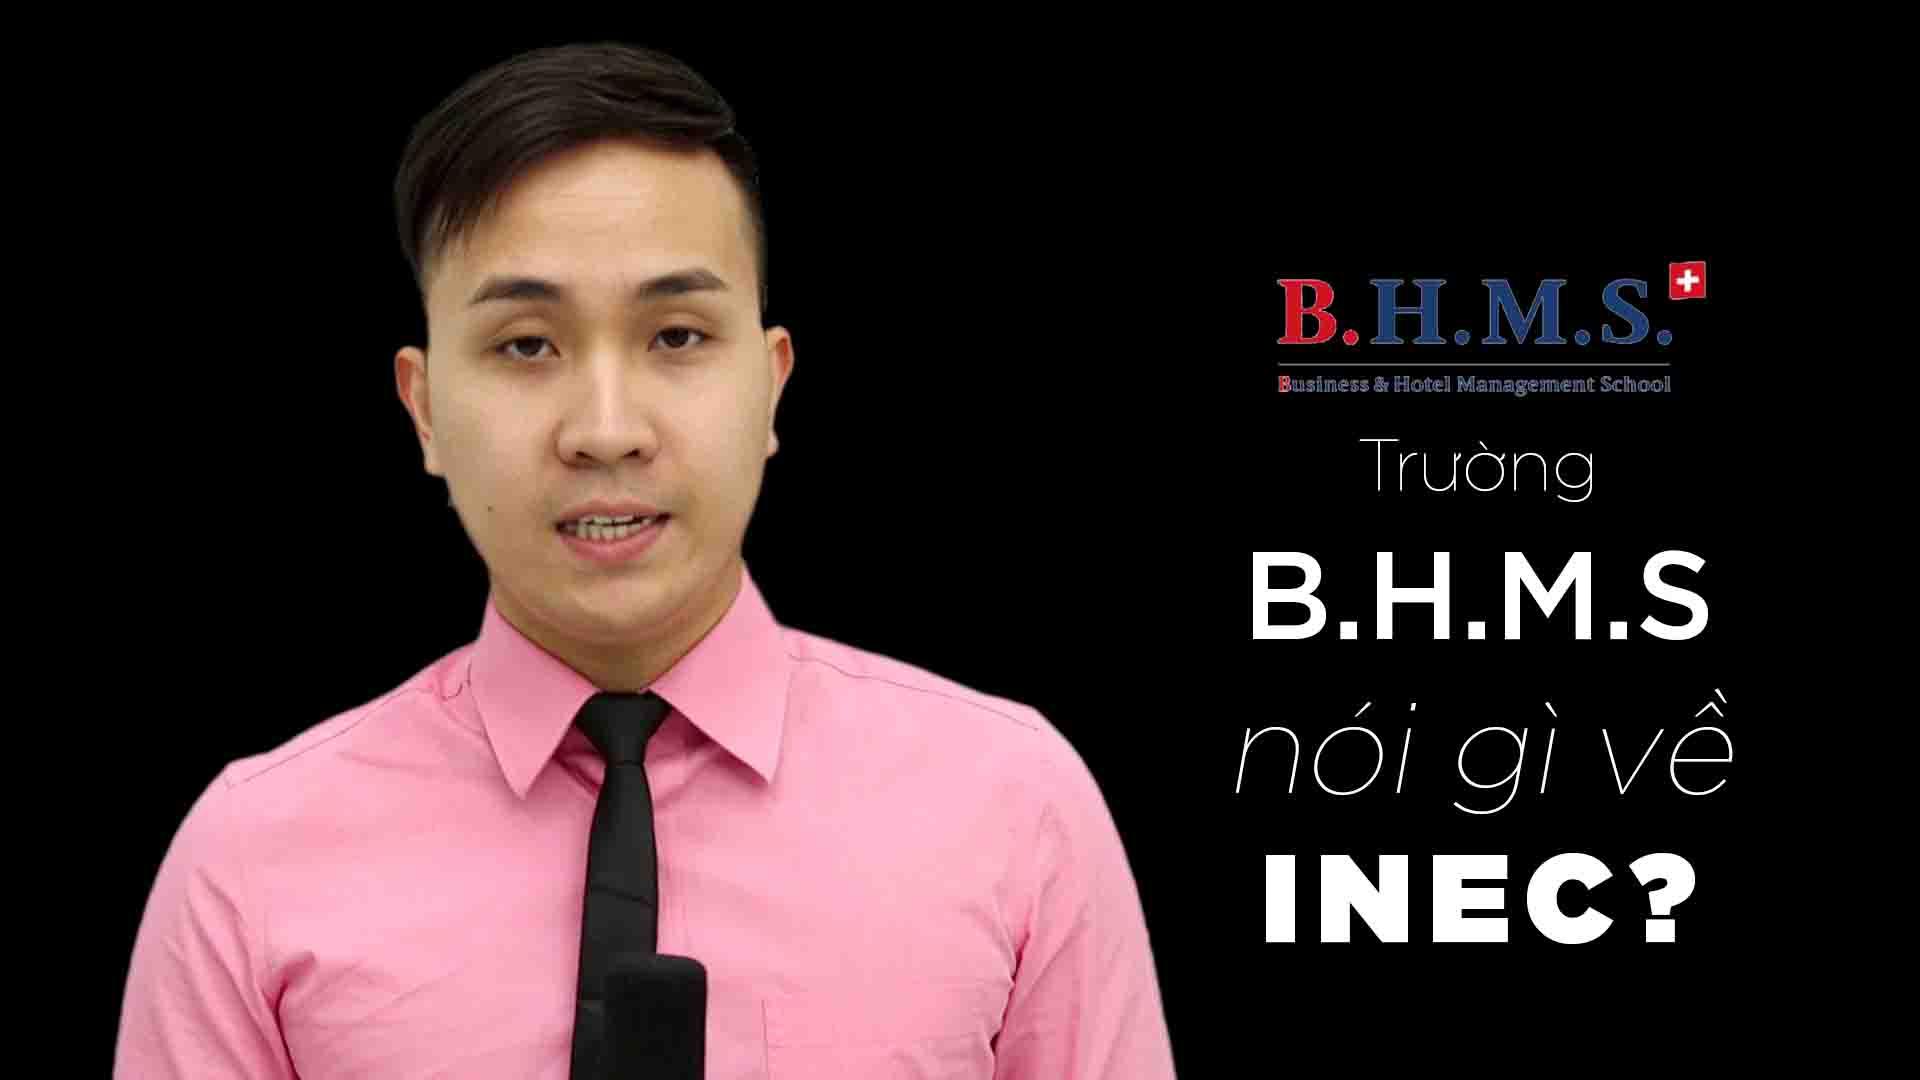 Học viện BHMS là một trong những trường đào tạo ngành nhà hàng khách sạn hàng đầu Thụy Sĩ đề cao việc phát triển kỹ năng làm việc thực tế của sinh viên. Trường hợp tác với các tập đoàn khách sạn lớn trên thế giới như Sheraton, Kempinski, The Ritz-Carton, Marriott, Hilton… trong việc đánh giá chất lượng chuyên môn lẫn cung cấp các vị trí thực tập, việc làm hấp dẫn cho sinh viên. Hầu hết sinh viên tốt nghiệp từ BHMS luôn được các nhà tuyển dụng đánh giá cao về năng lực, sự thích ứng và có sự nghiệp rất rộng mở.